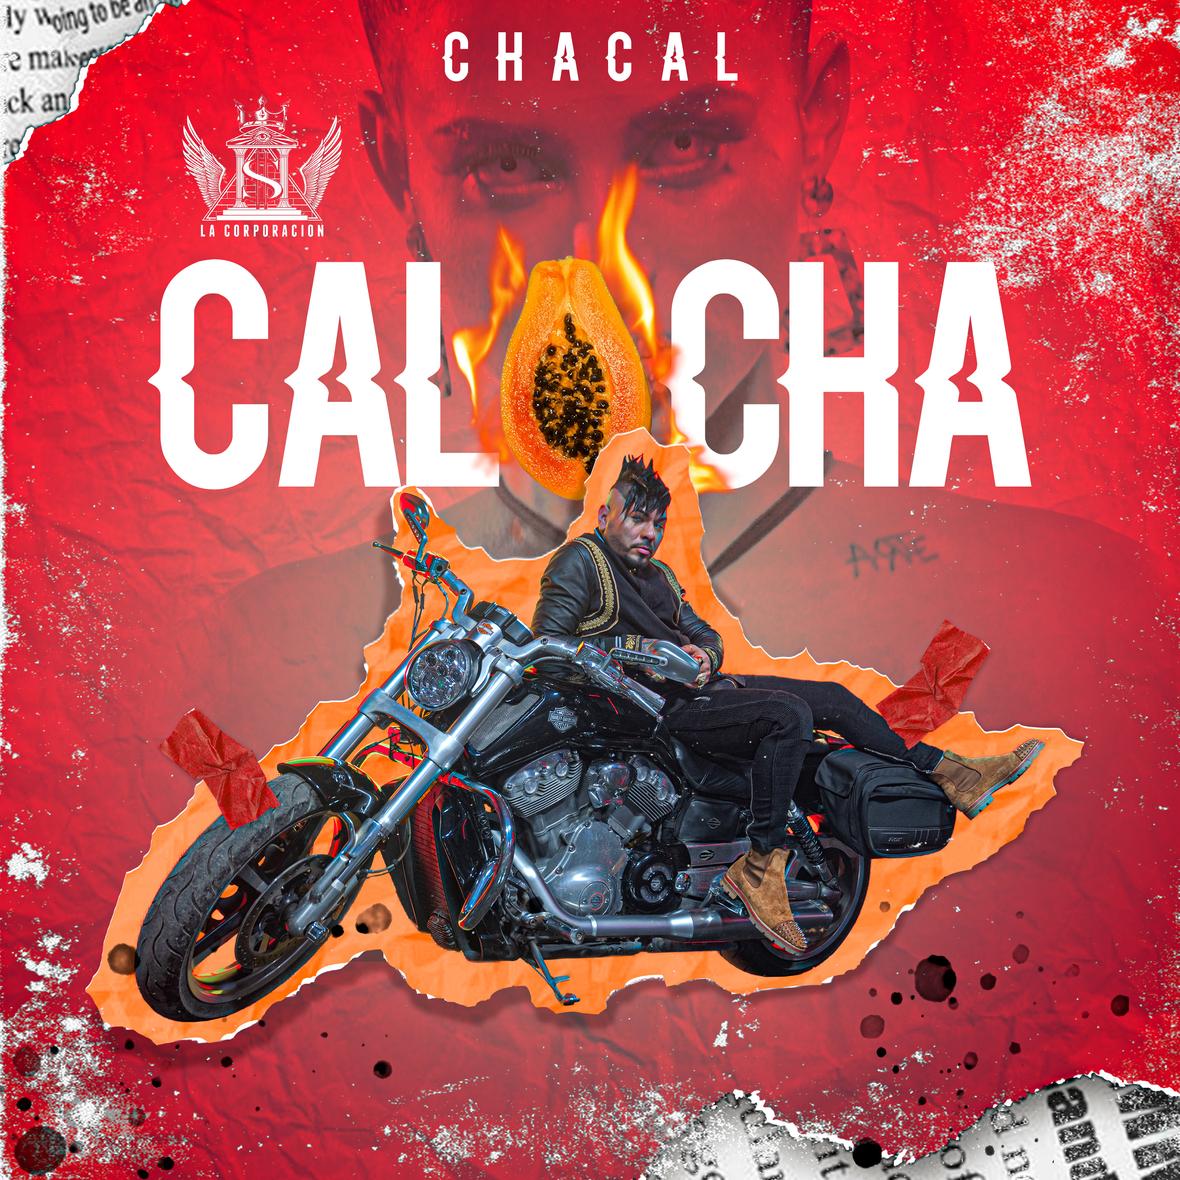 Art - Chacal - Calocha